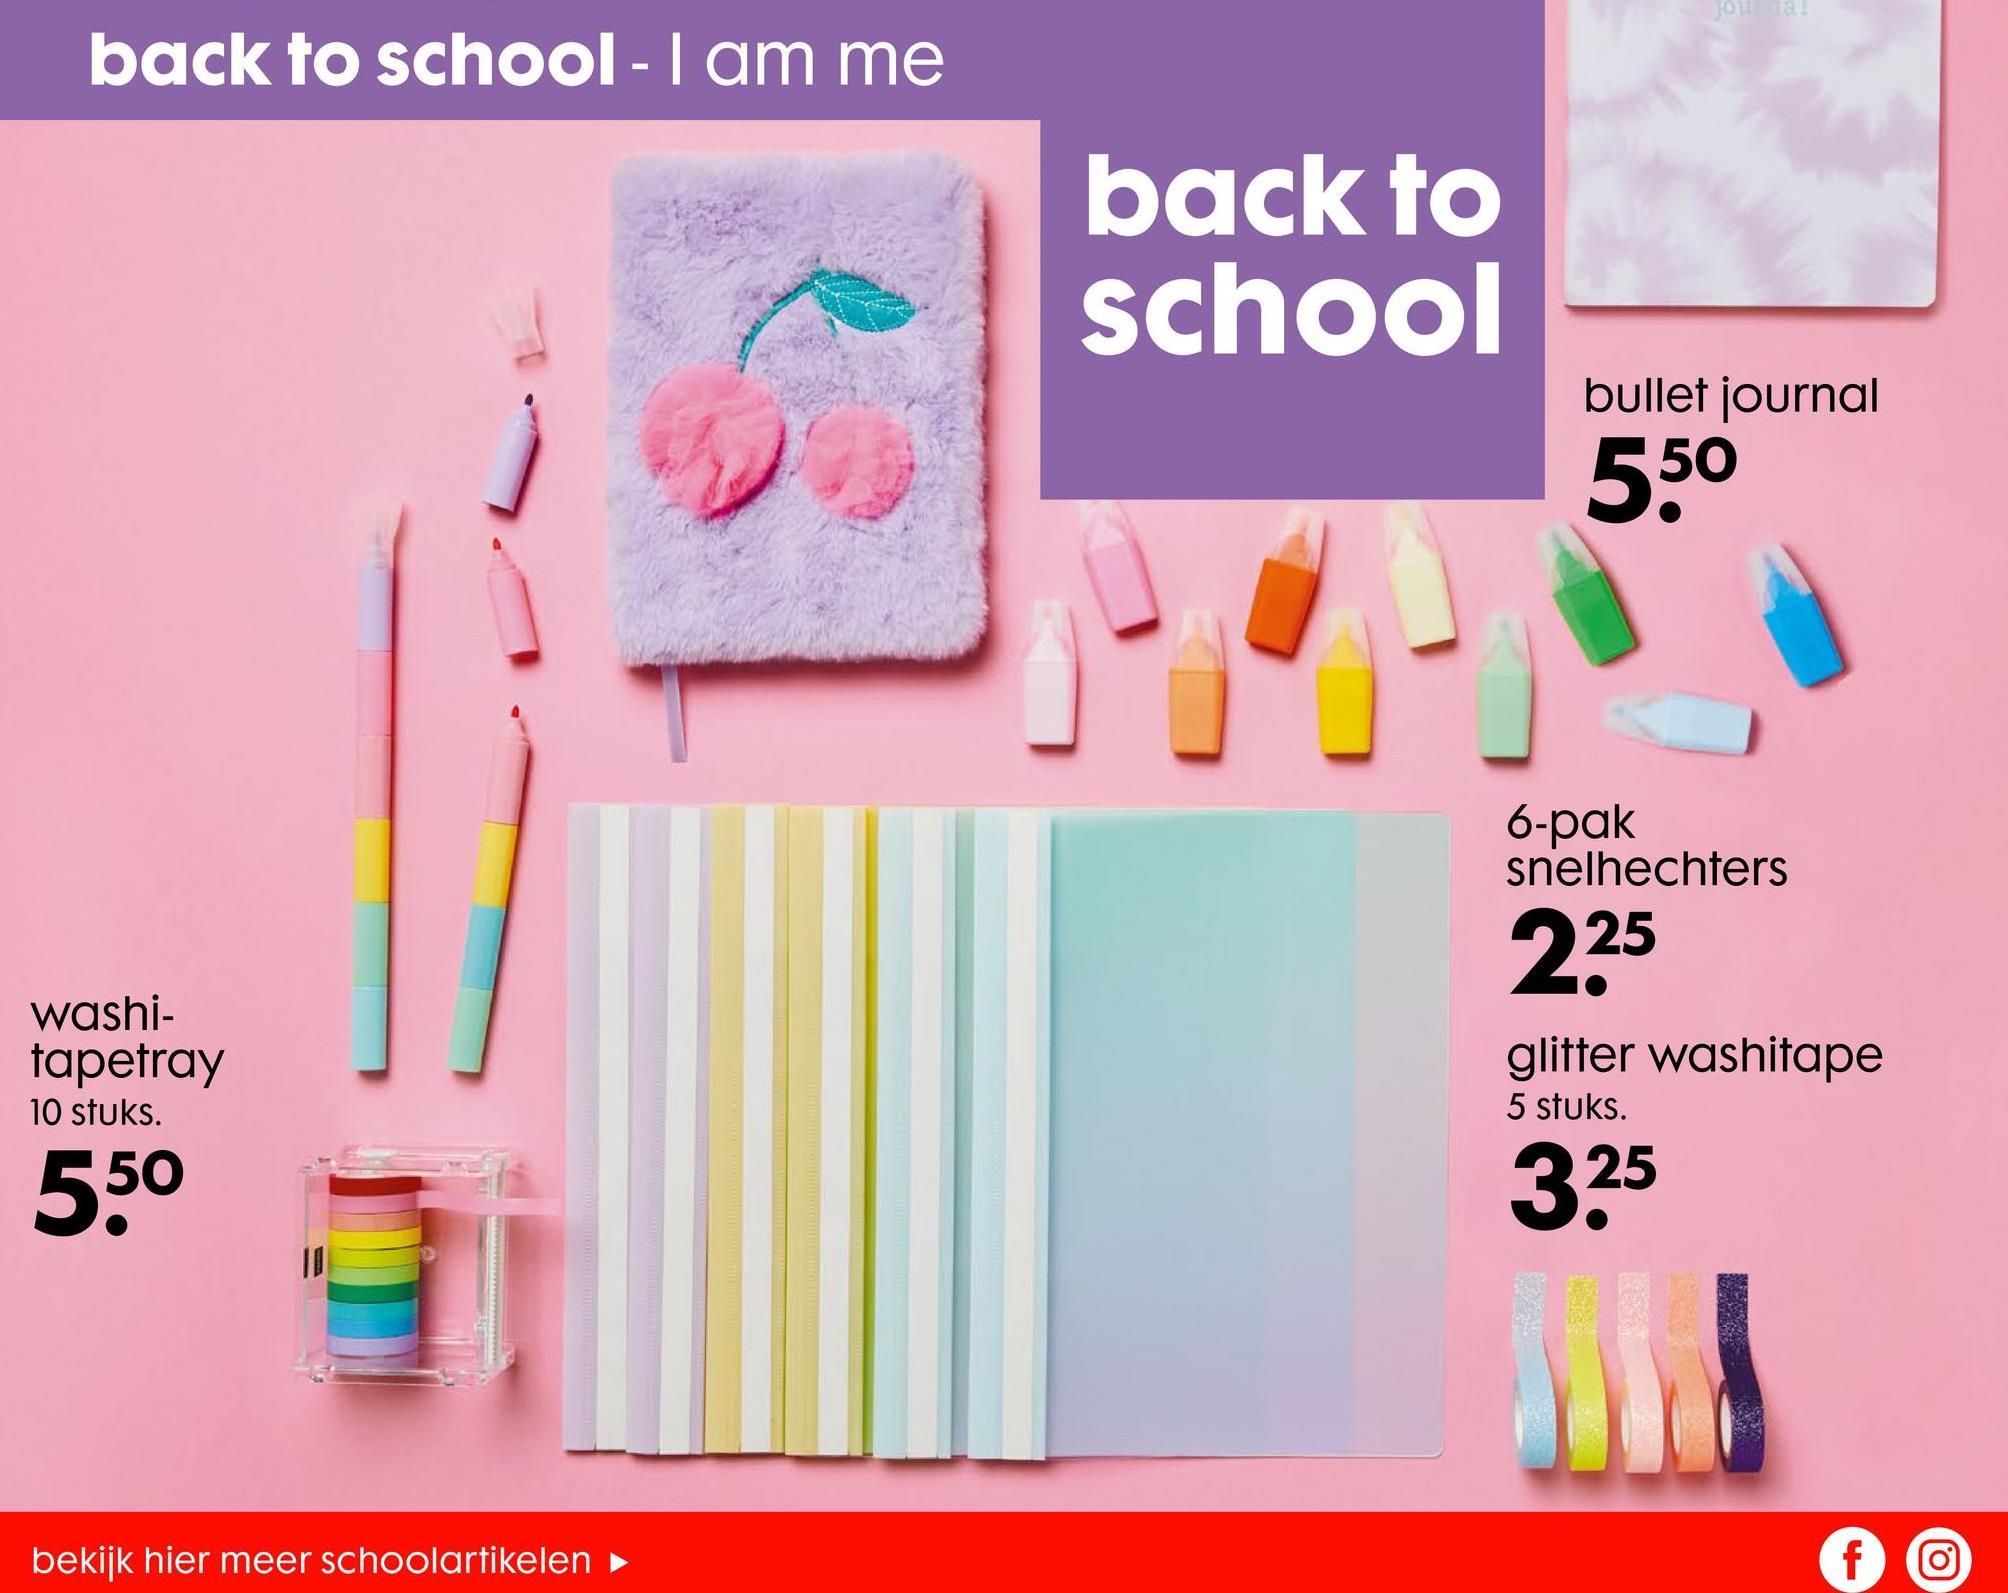 10 back to school - I am me back to school bullet journal 550 6-pak snelhechters 25 225 washi- tapefray 10 stuks. glitter washitape 5 stuks. 550 325 bekijk hier meer schoolartikelen fo